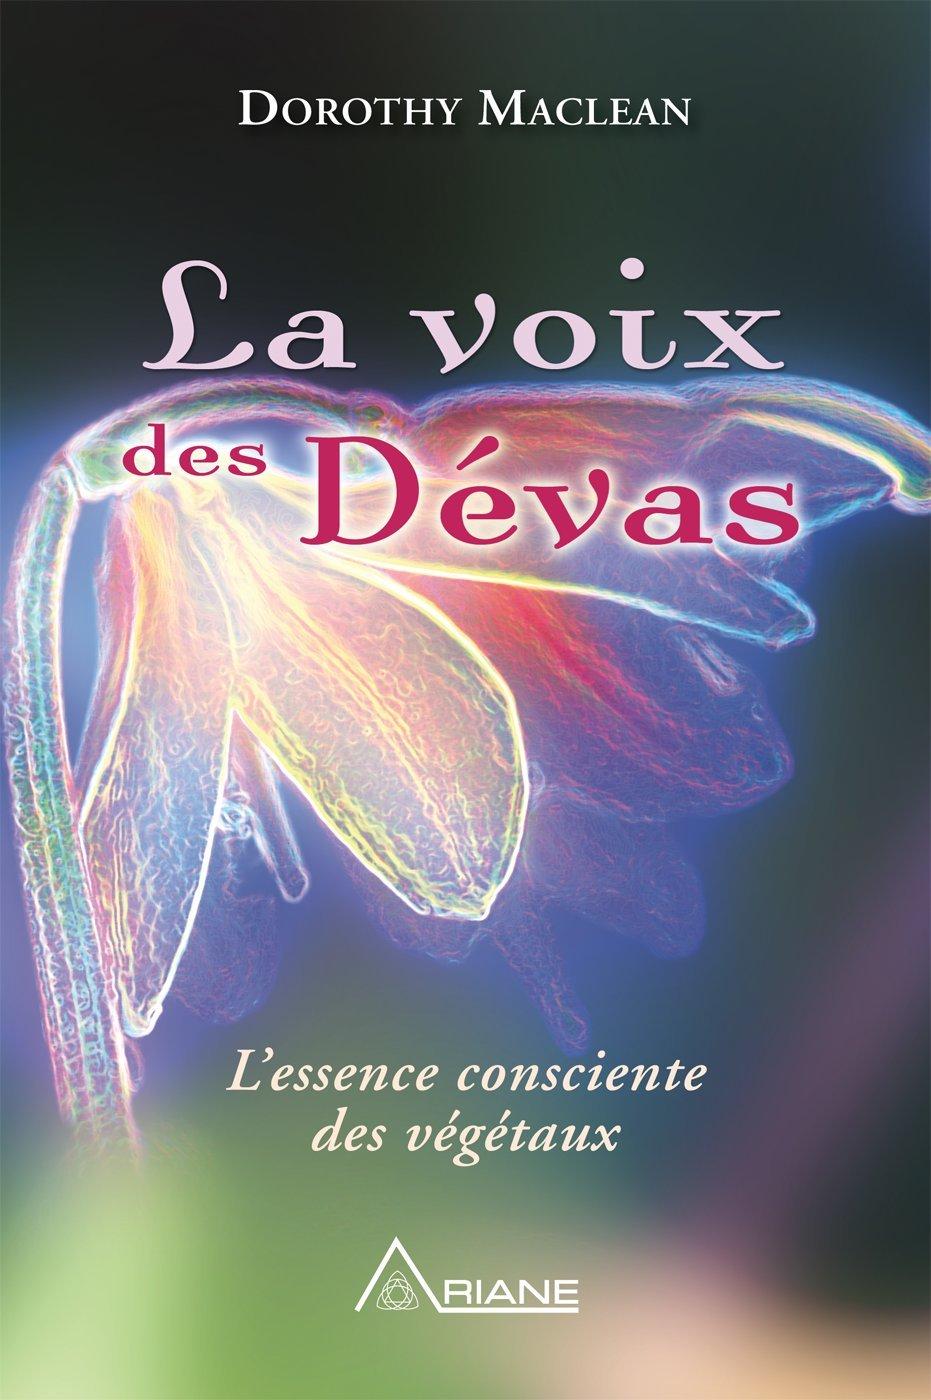 La voix des dévas: L'essence consciente des végétaux por Dorothy Maclean